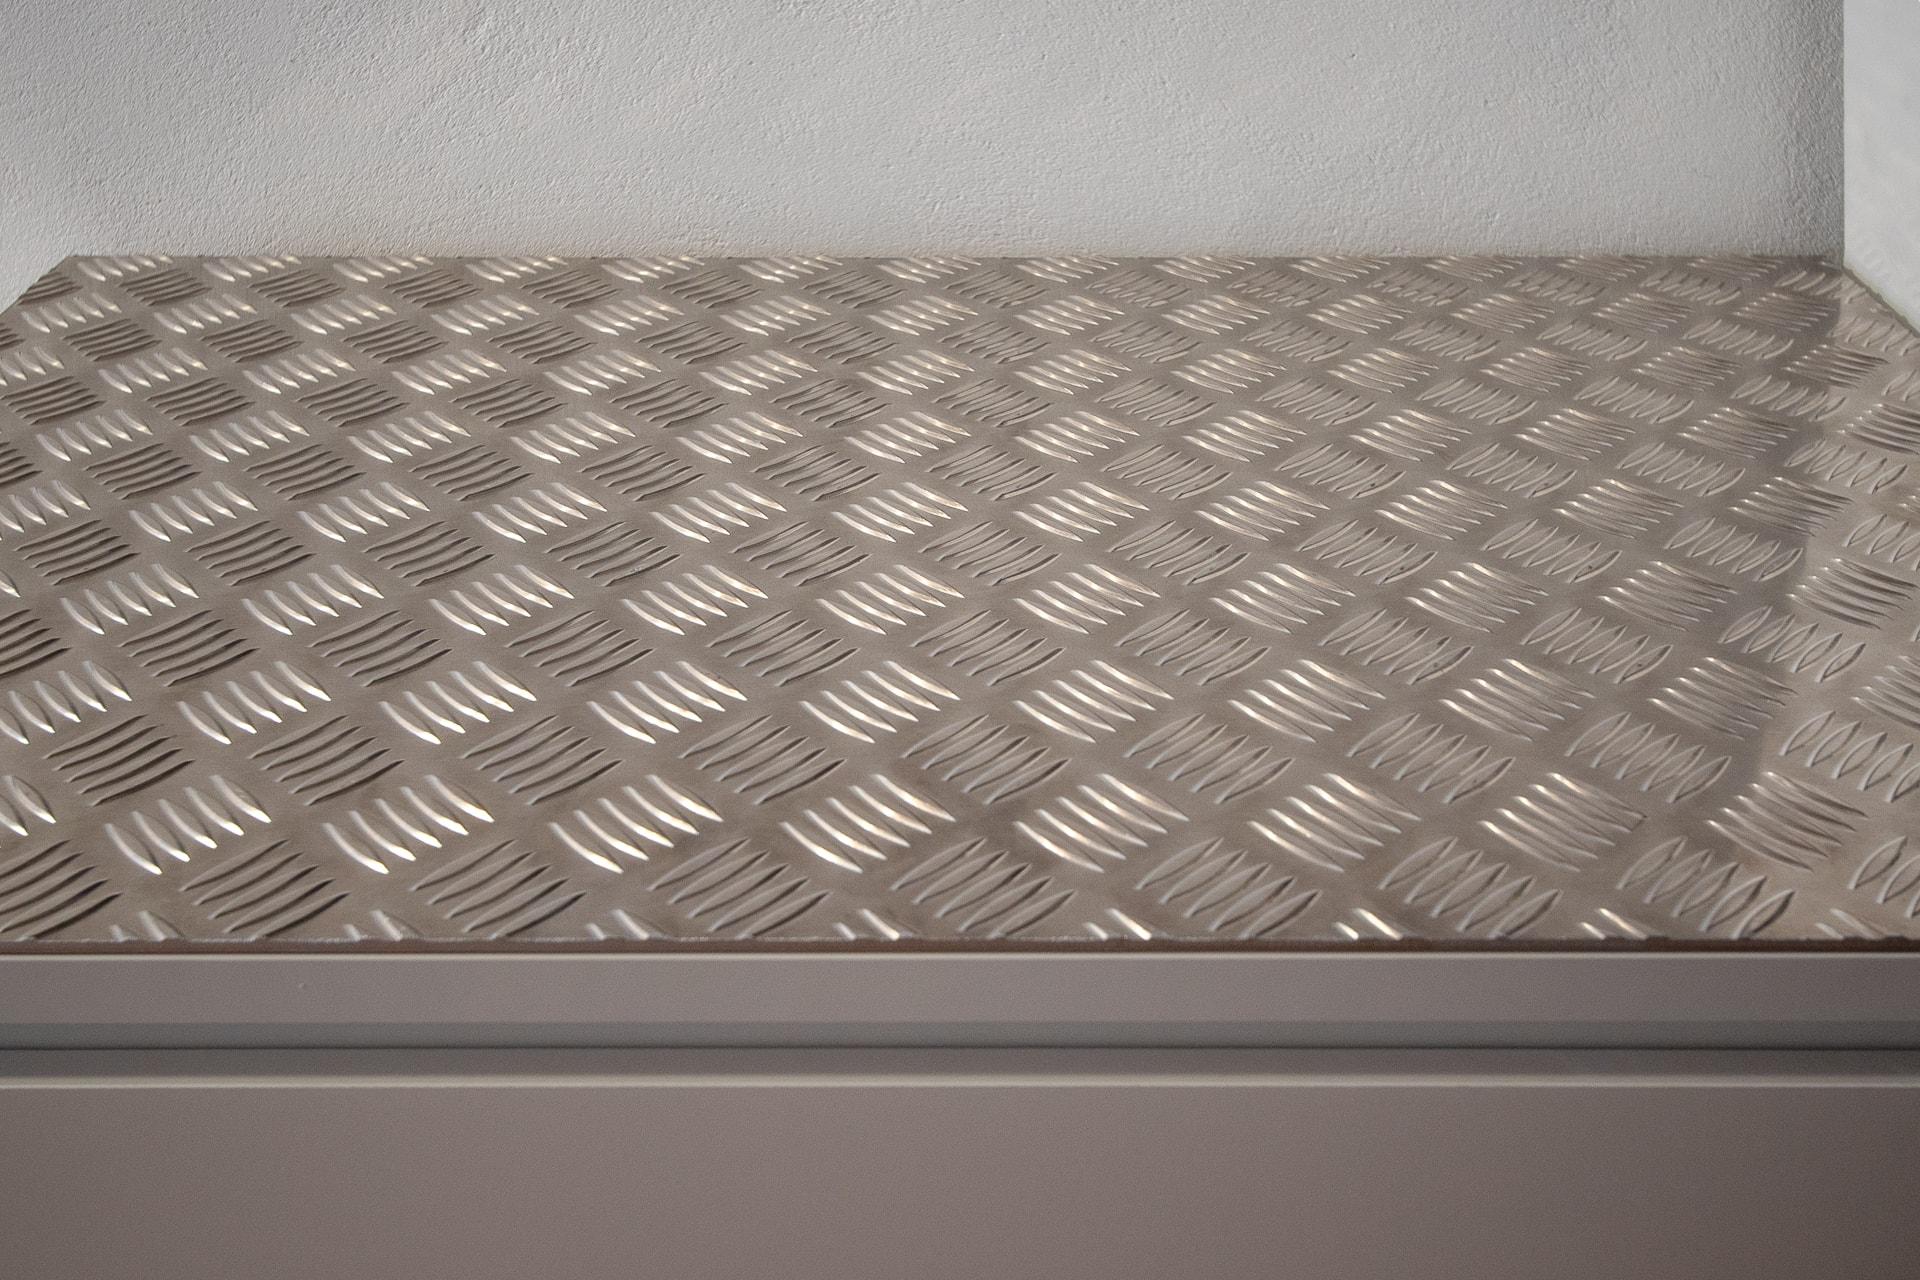 Meuble en bois protégé par une plaque d'aluminium larmé